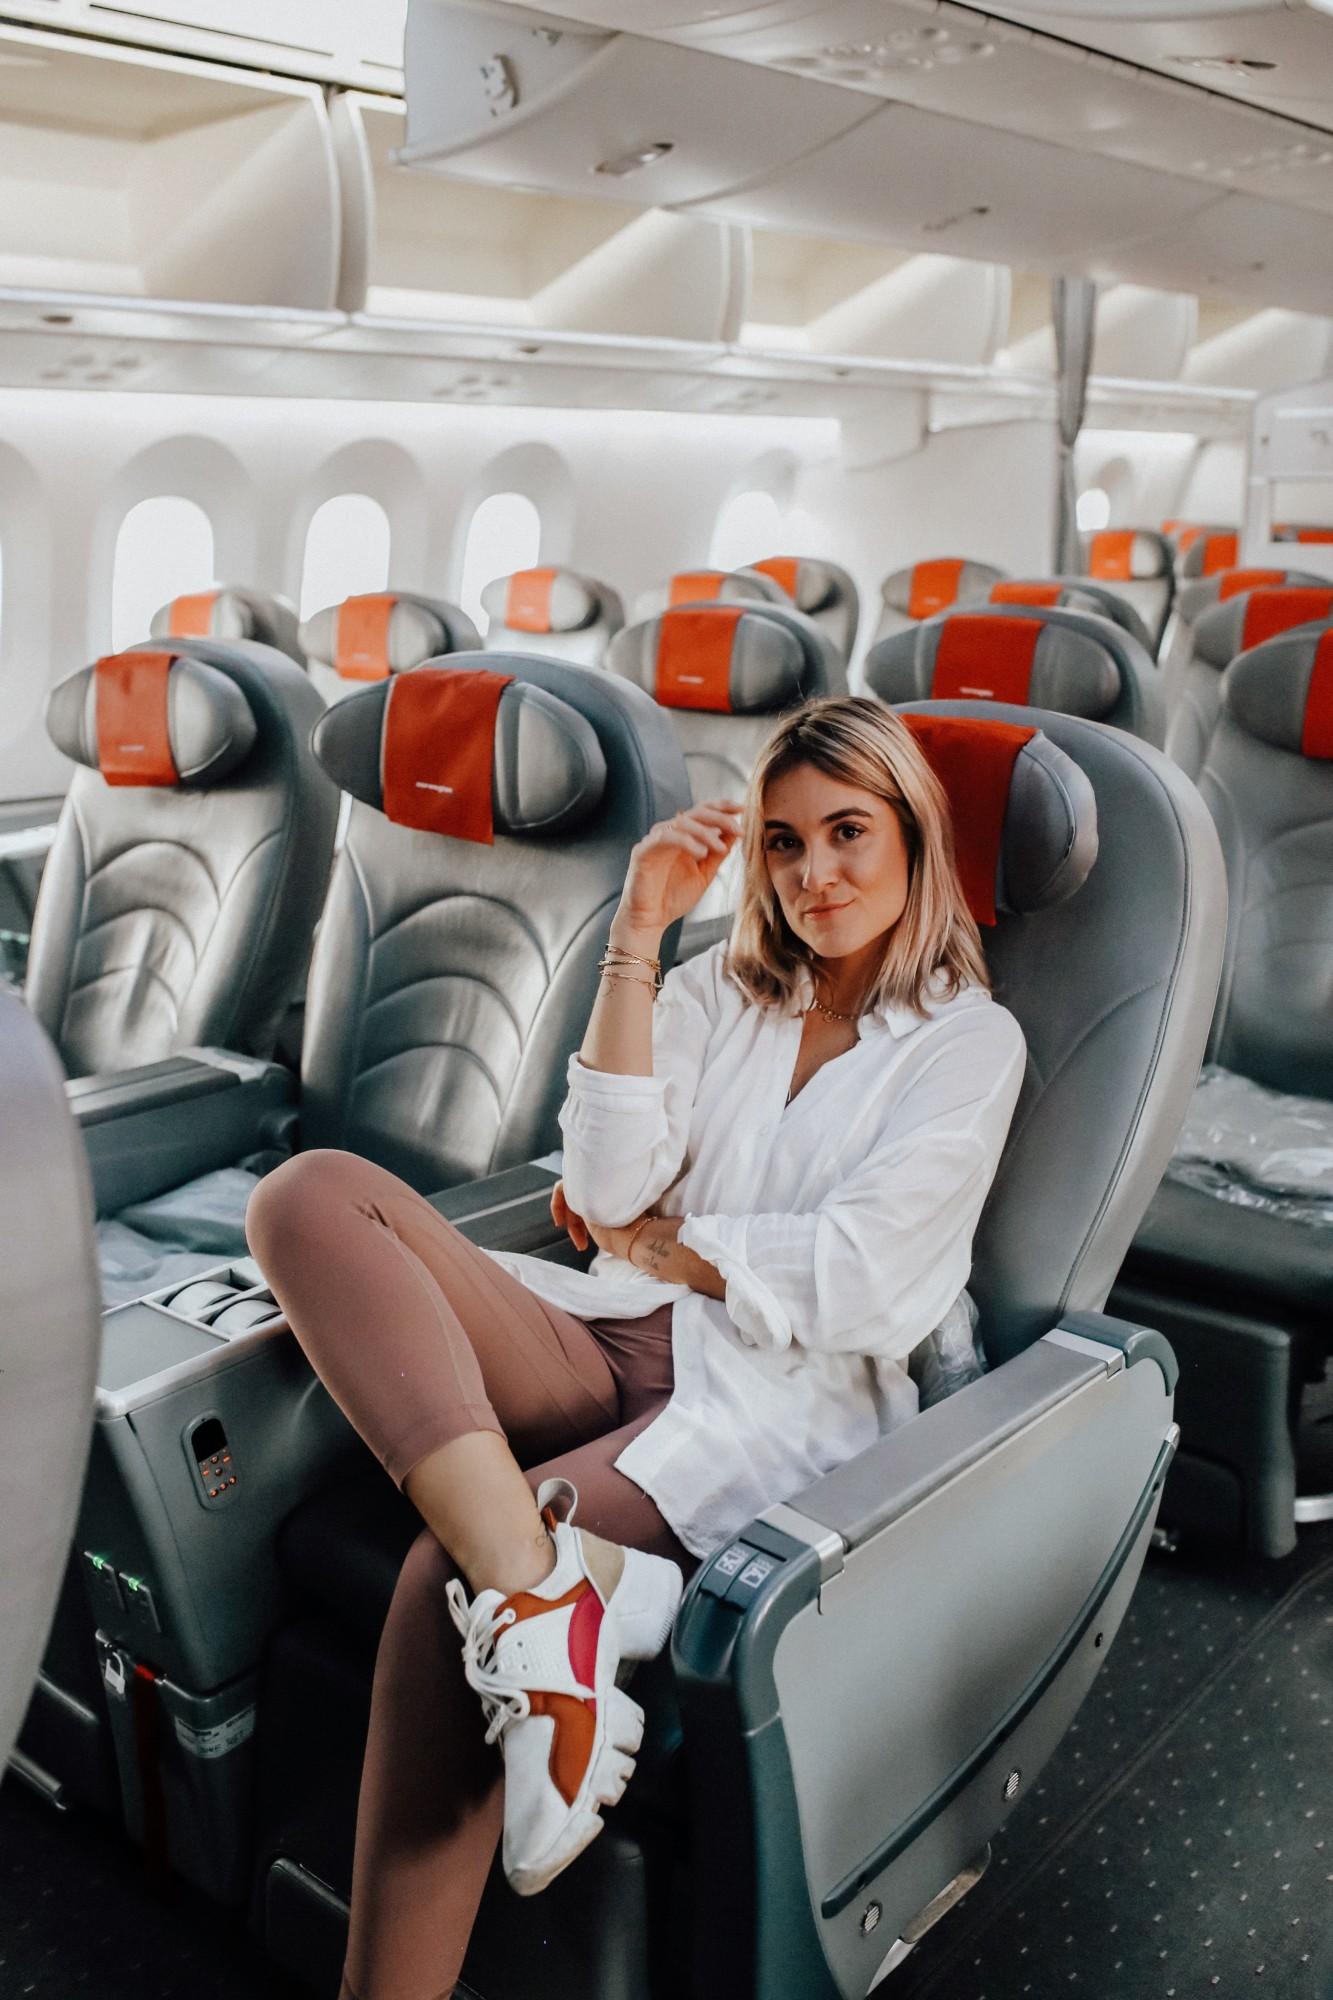 Compagnie Norwegian - Blondie Baby blog voyages